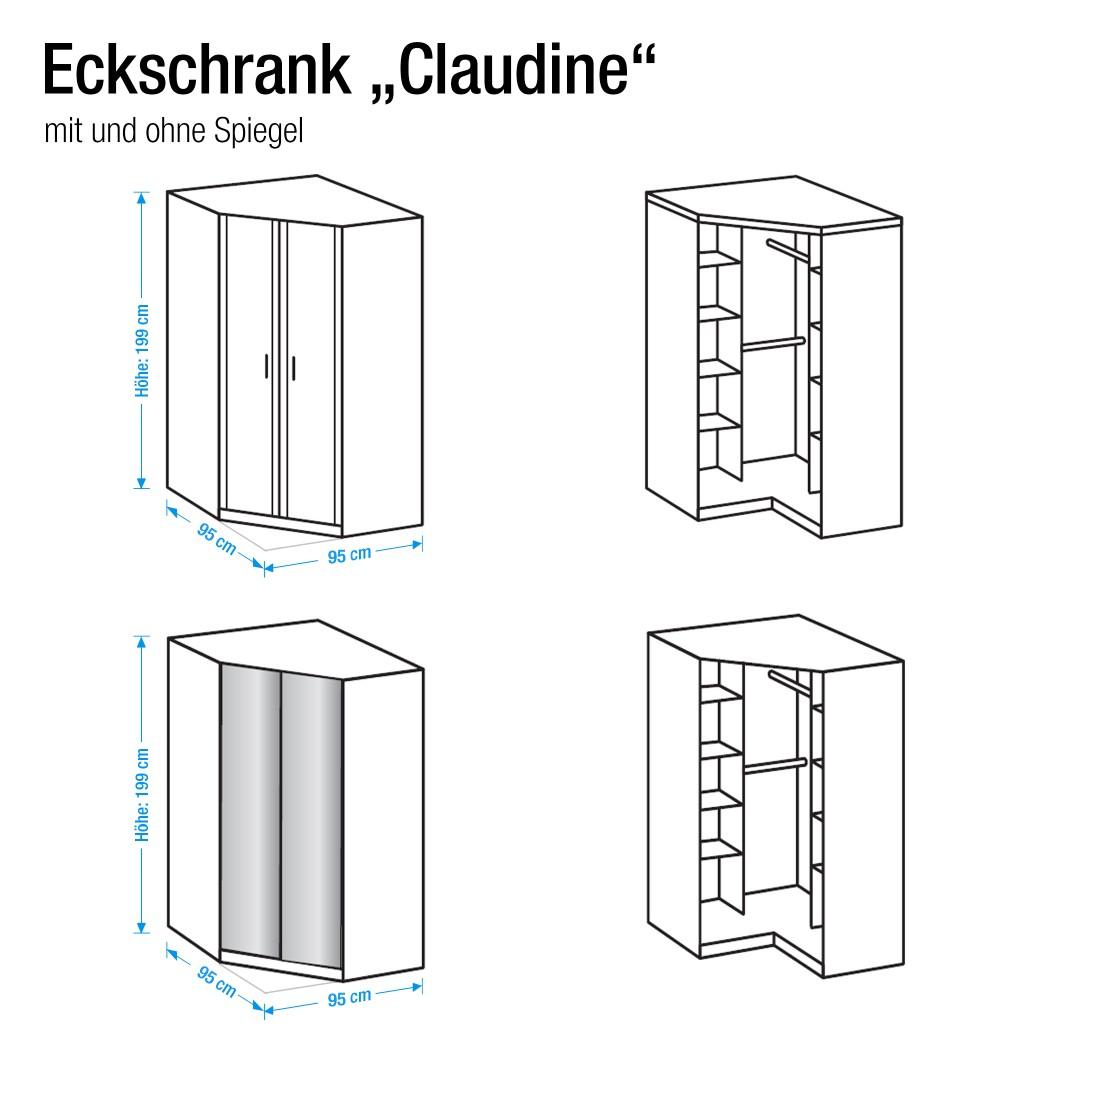 eckschrank claudine mit spiegel alpinwei wimex schlafen kleiderschr nke dreht renschr nke. Black Bedroom Furniture Sets. Home Design Ideas